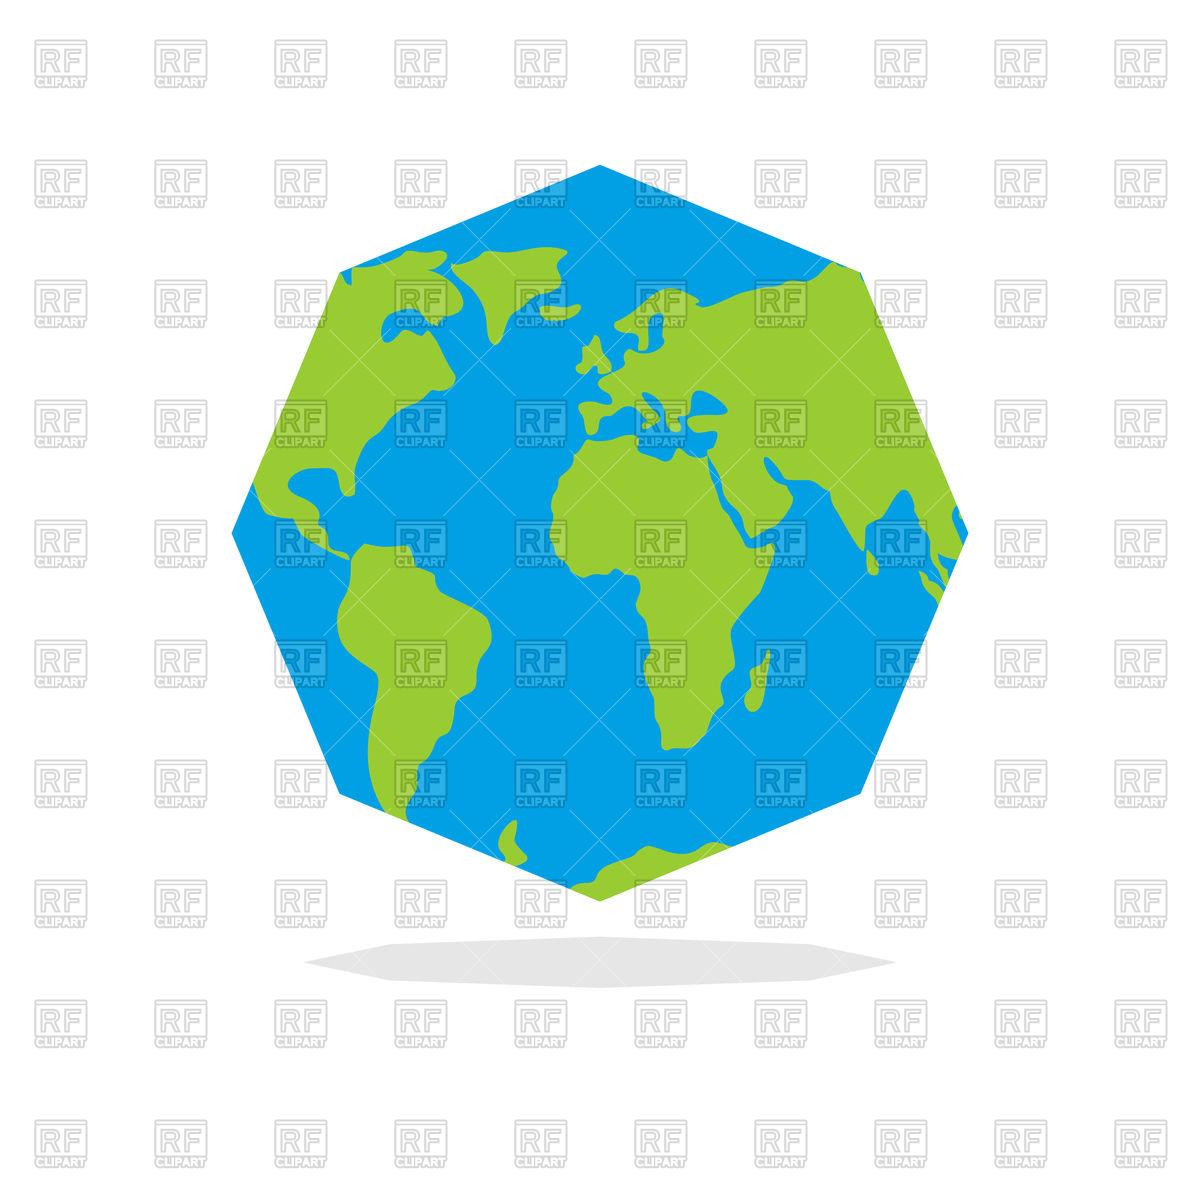 1200x1200 Octagon Earth Vector Image Vector Artwork Of Signs, Symbols